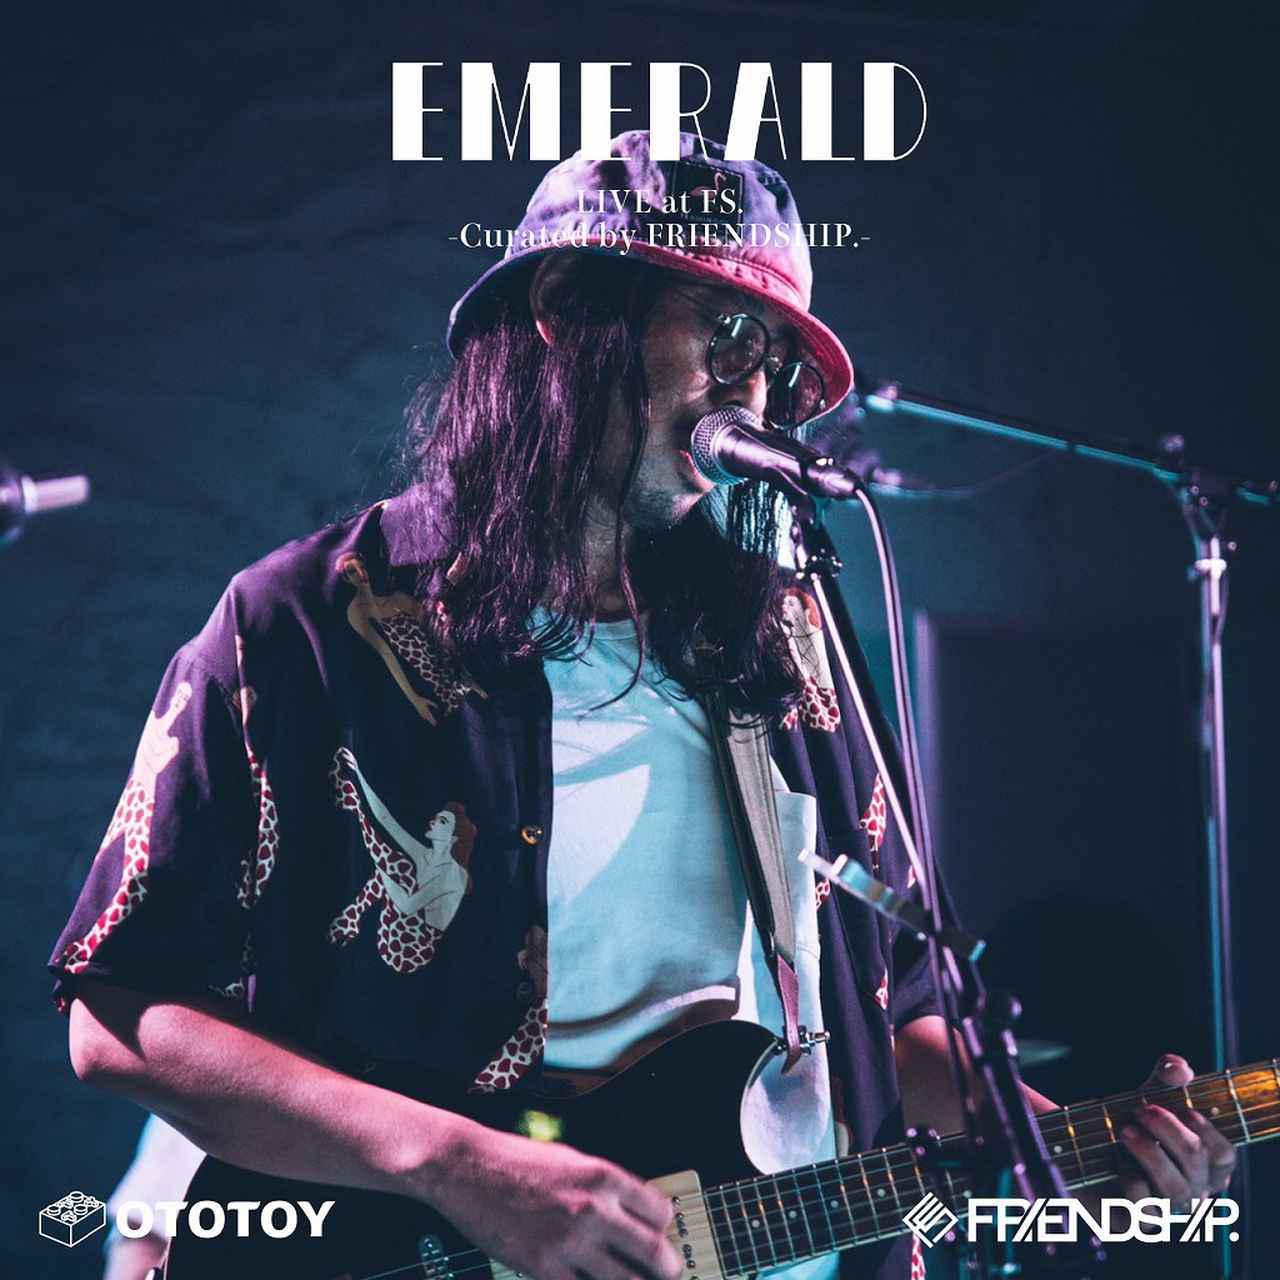 画像: Emerald Live At FS. / Emerald